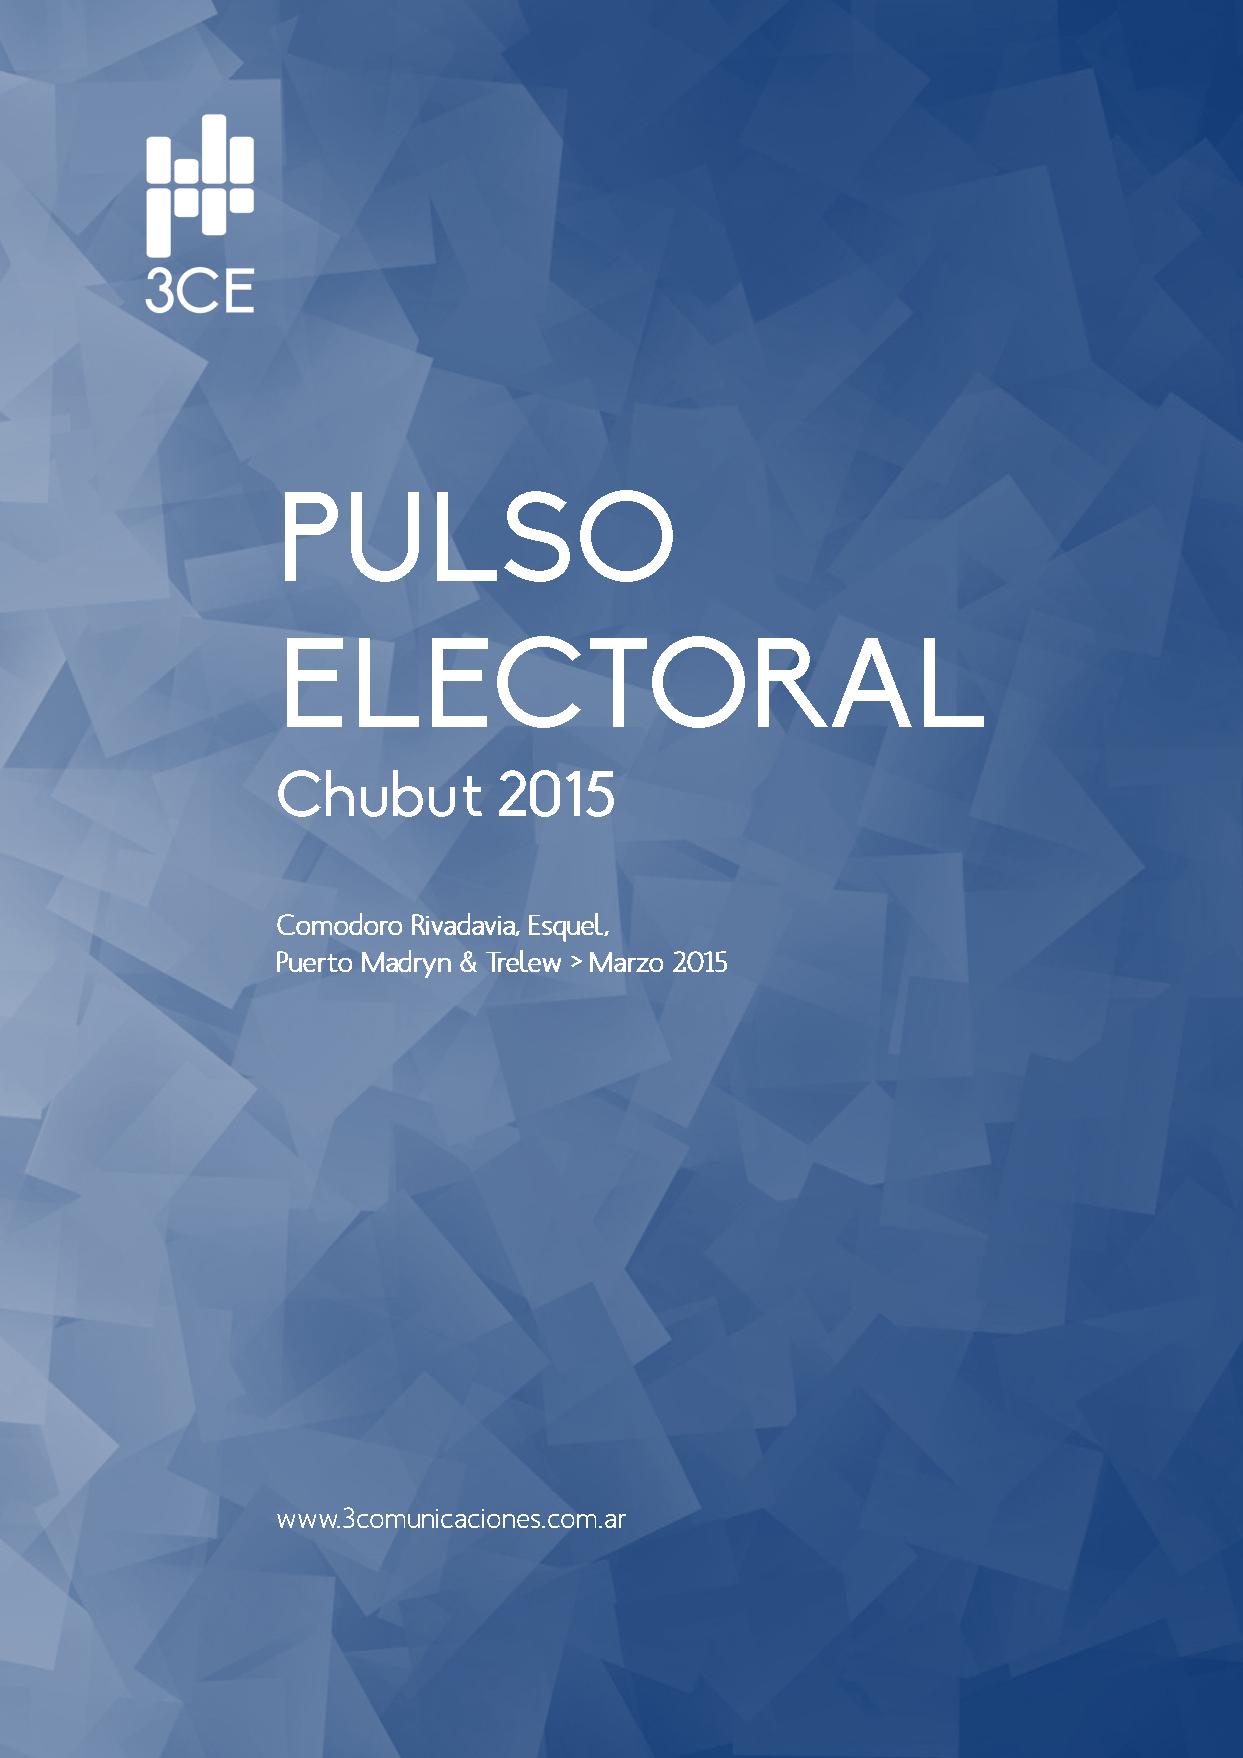 pulso_electoral_05_2015